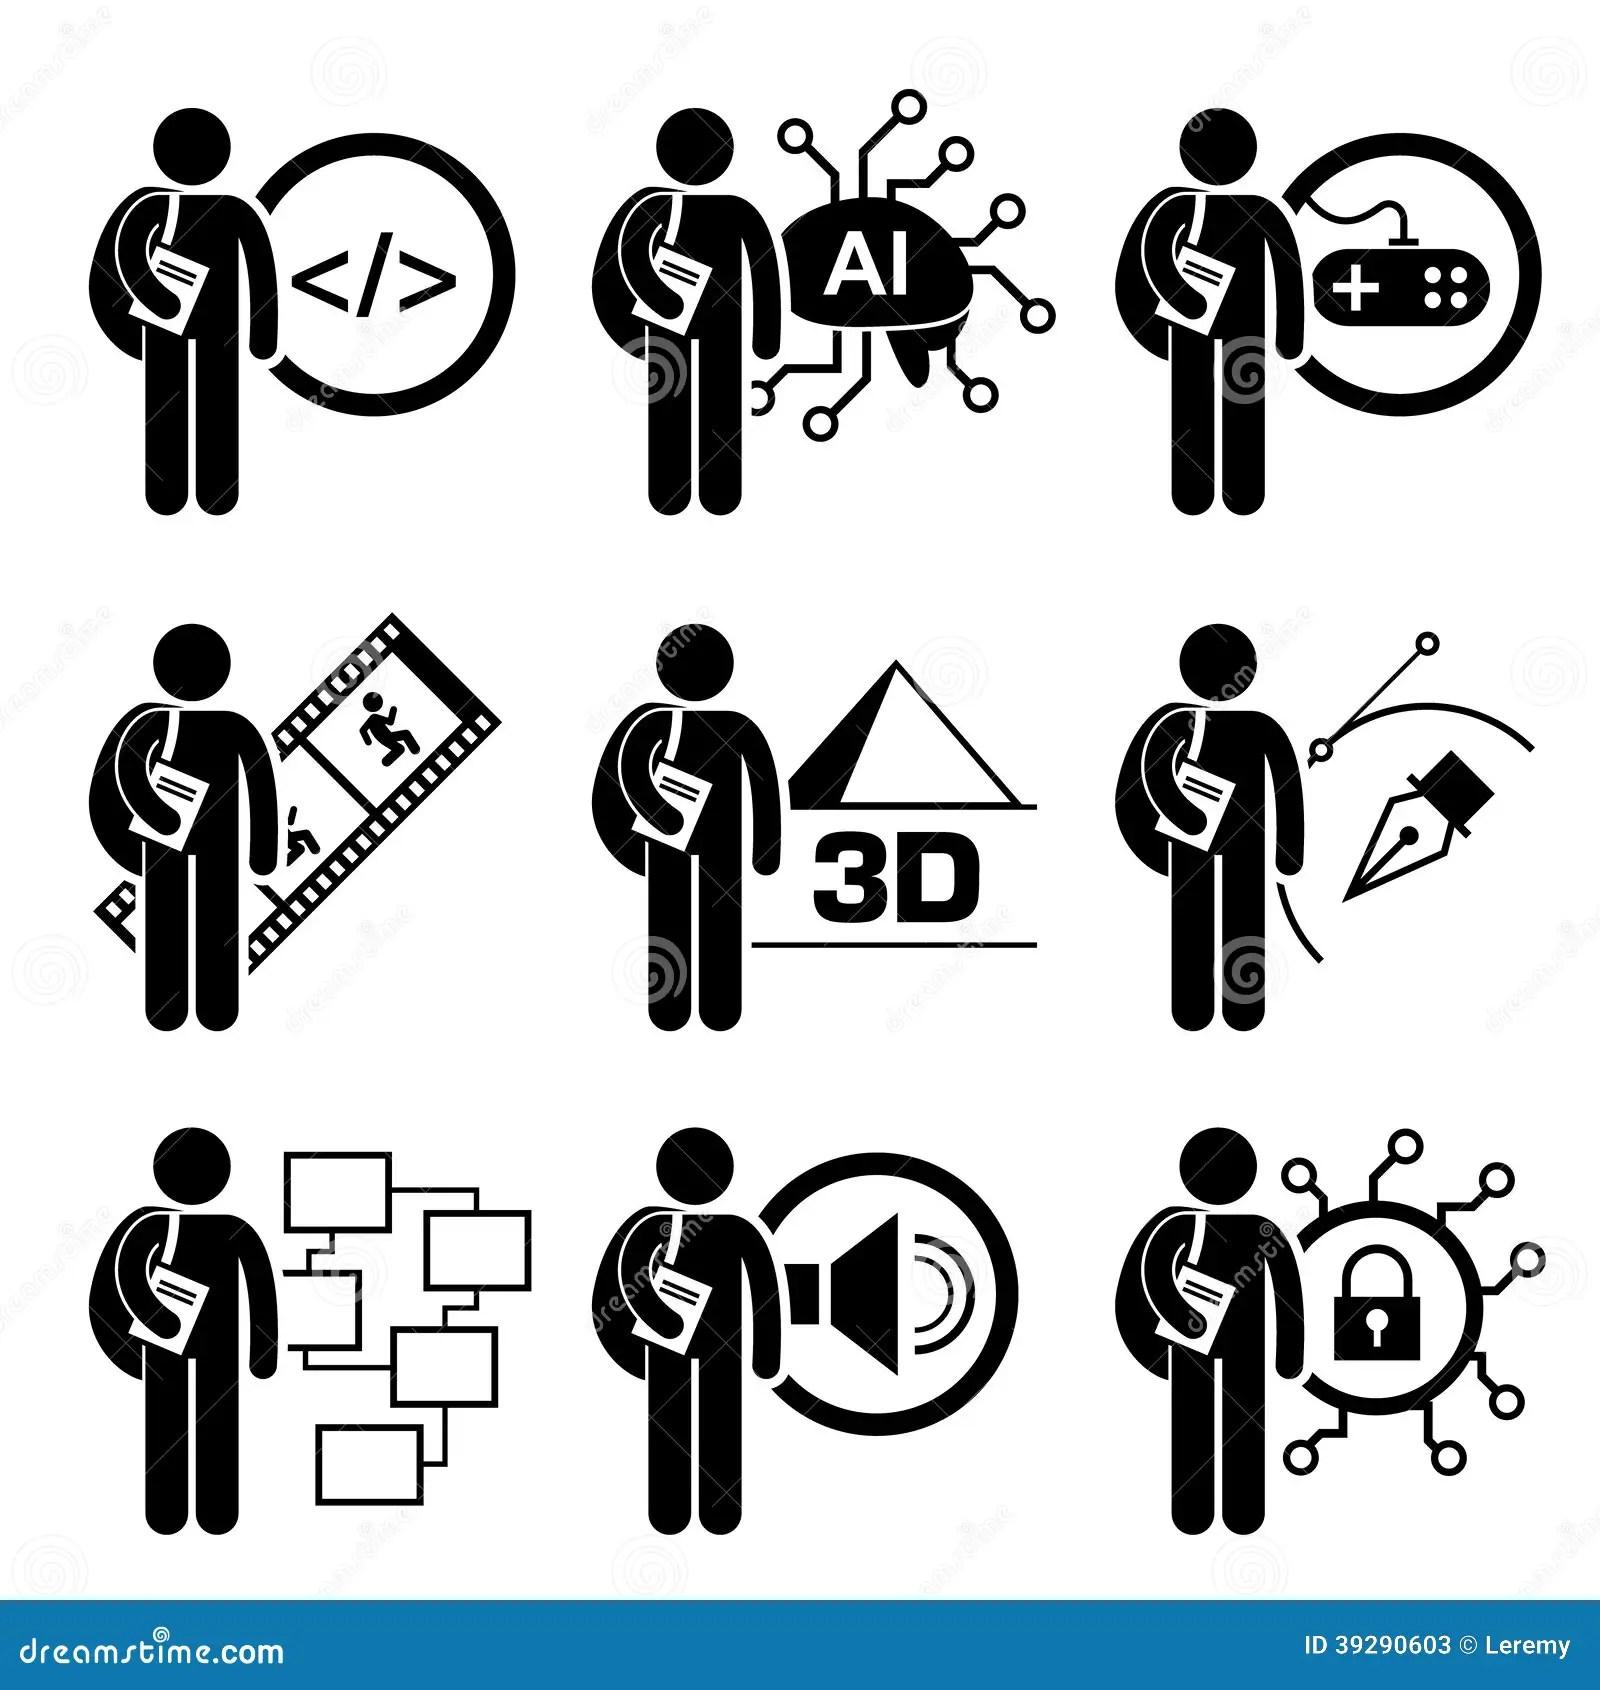 Estudiante Degree En La Tecnologia De La Informacion